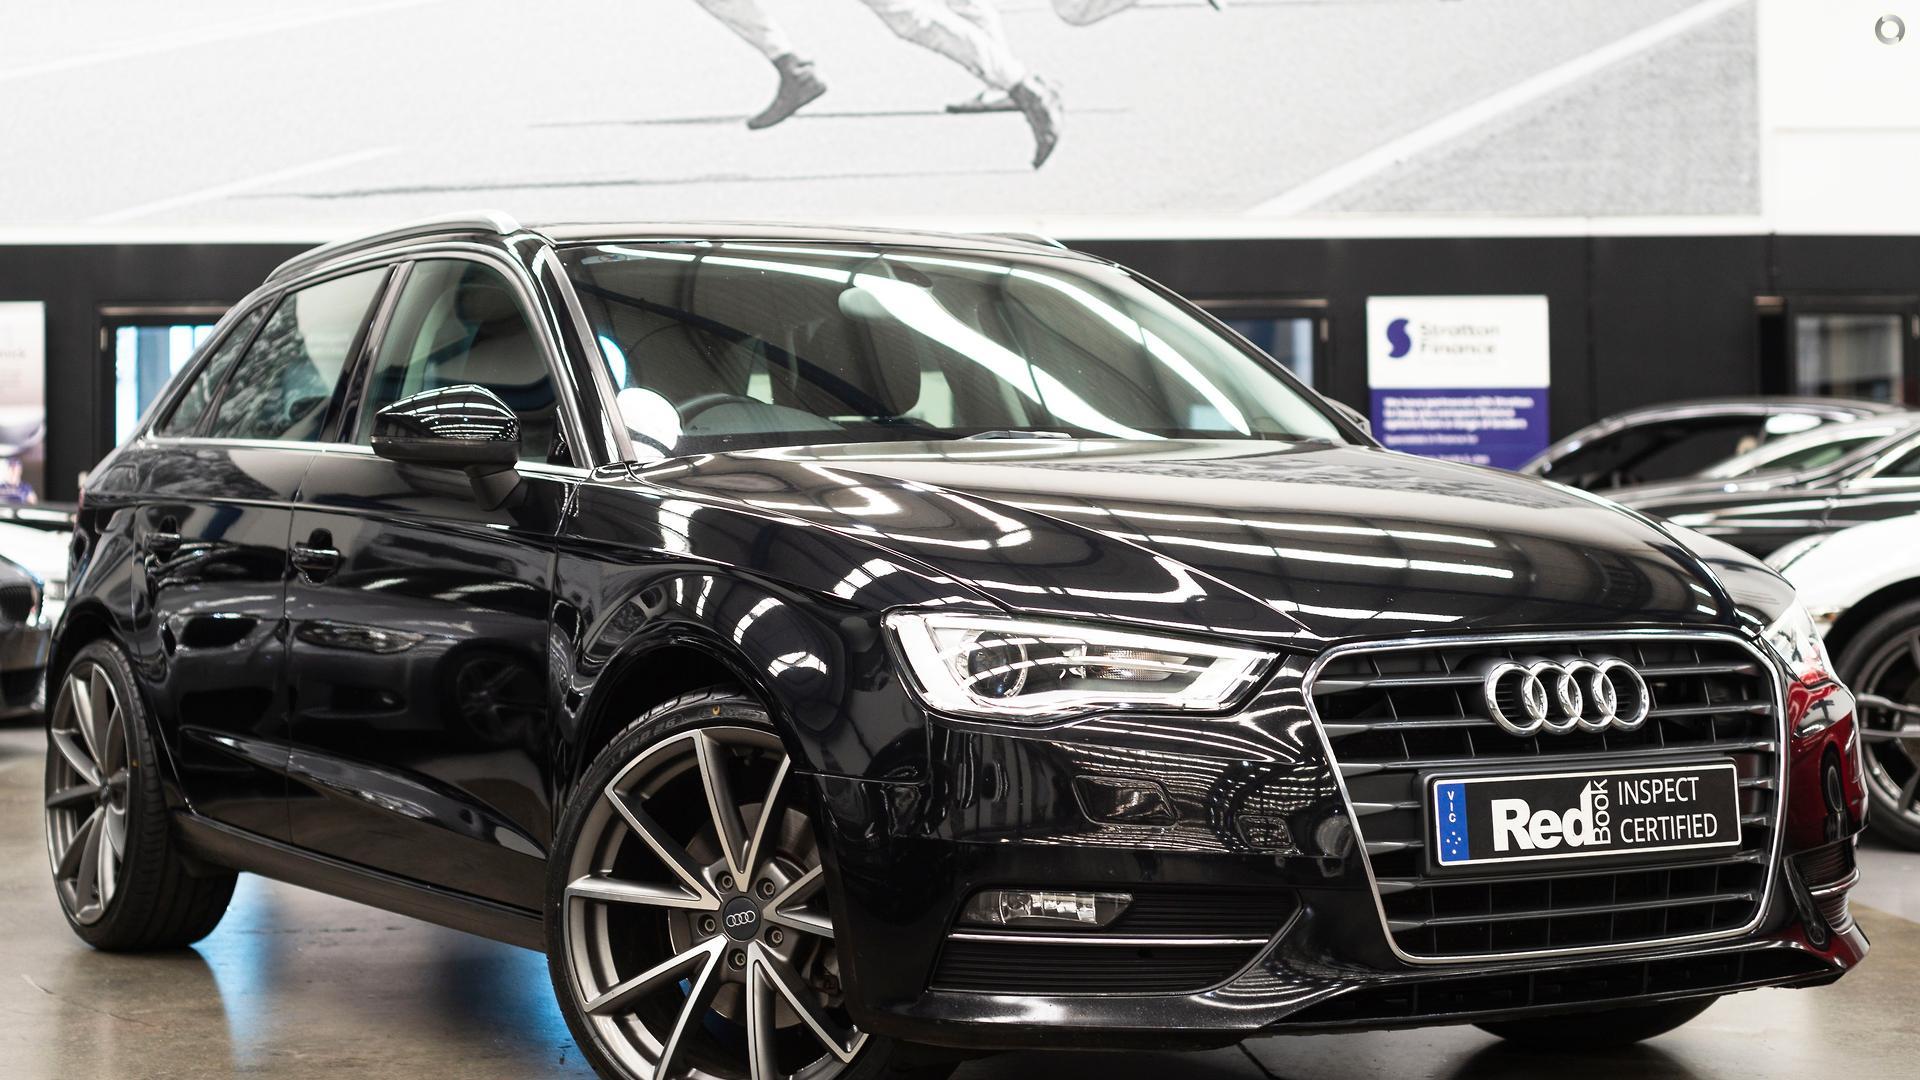 2014 Audi A3 Ambition 8V